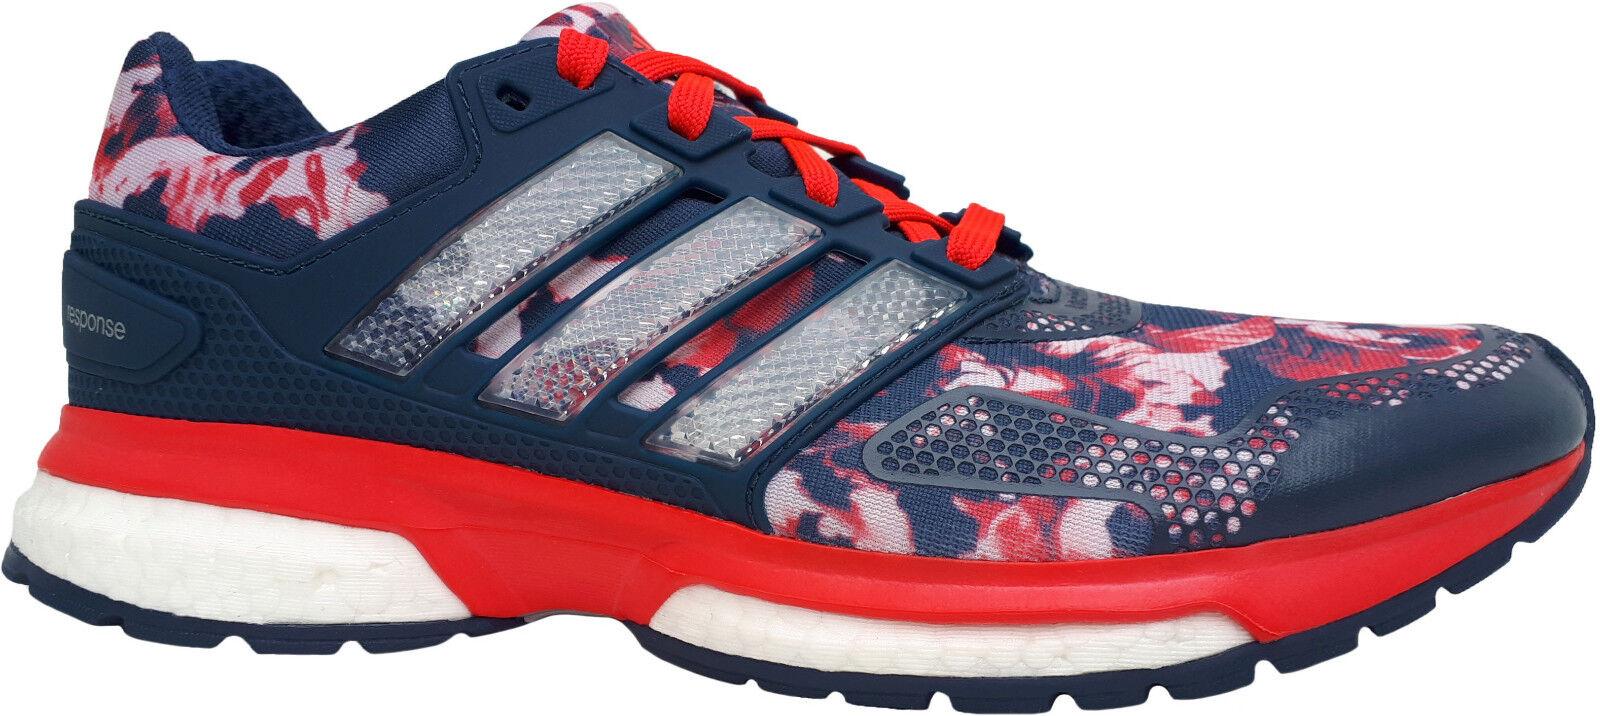 Adidas Response 2 Boost Graphic W Boost 2 Laufschuhe Gr. 38 Sneaker Sport Fitness Schuhe 500d1c